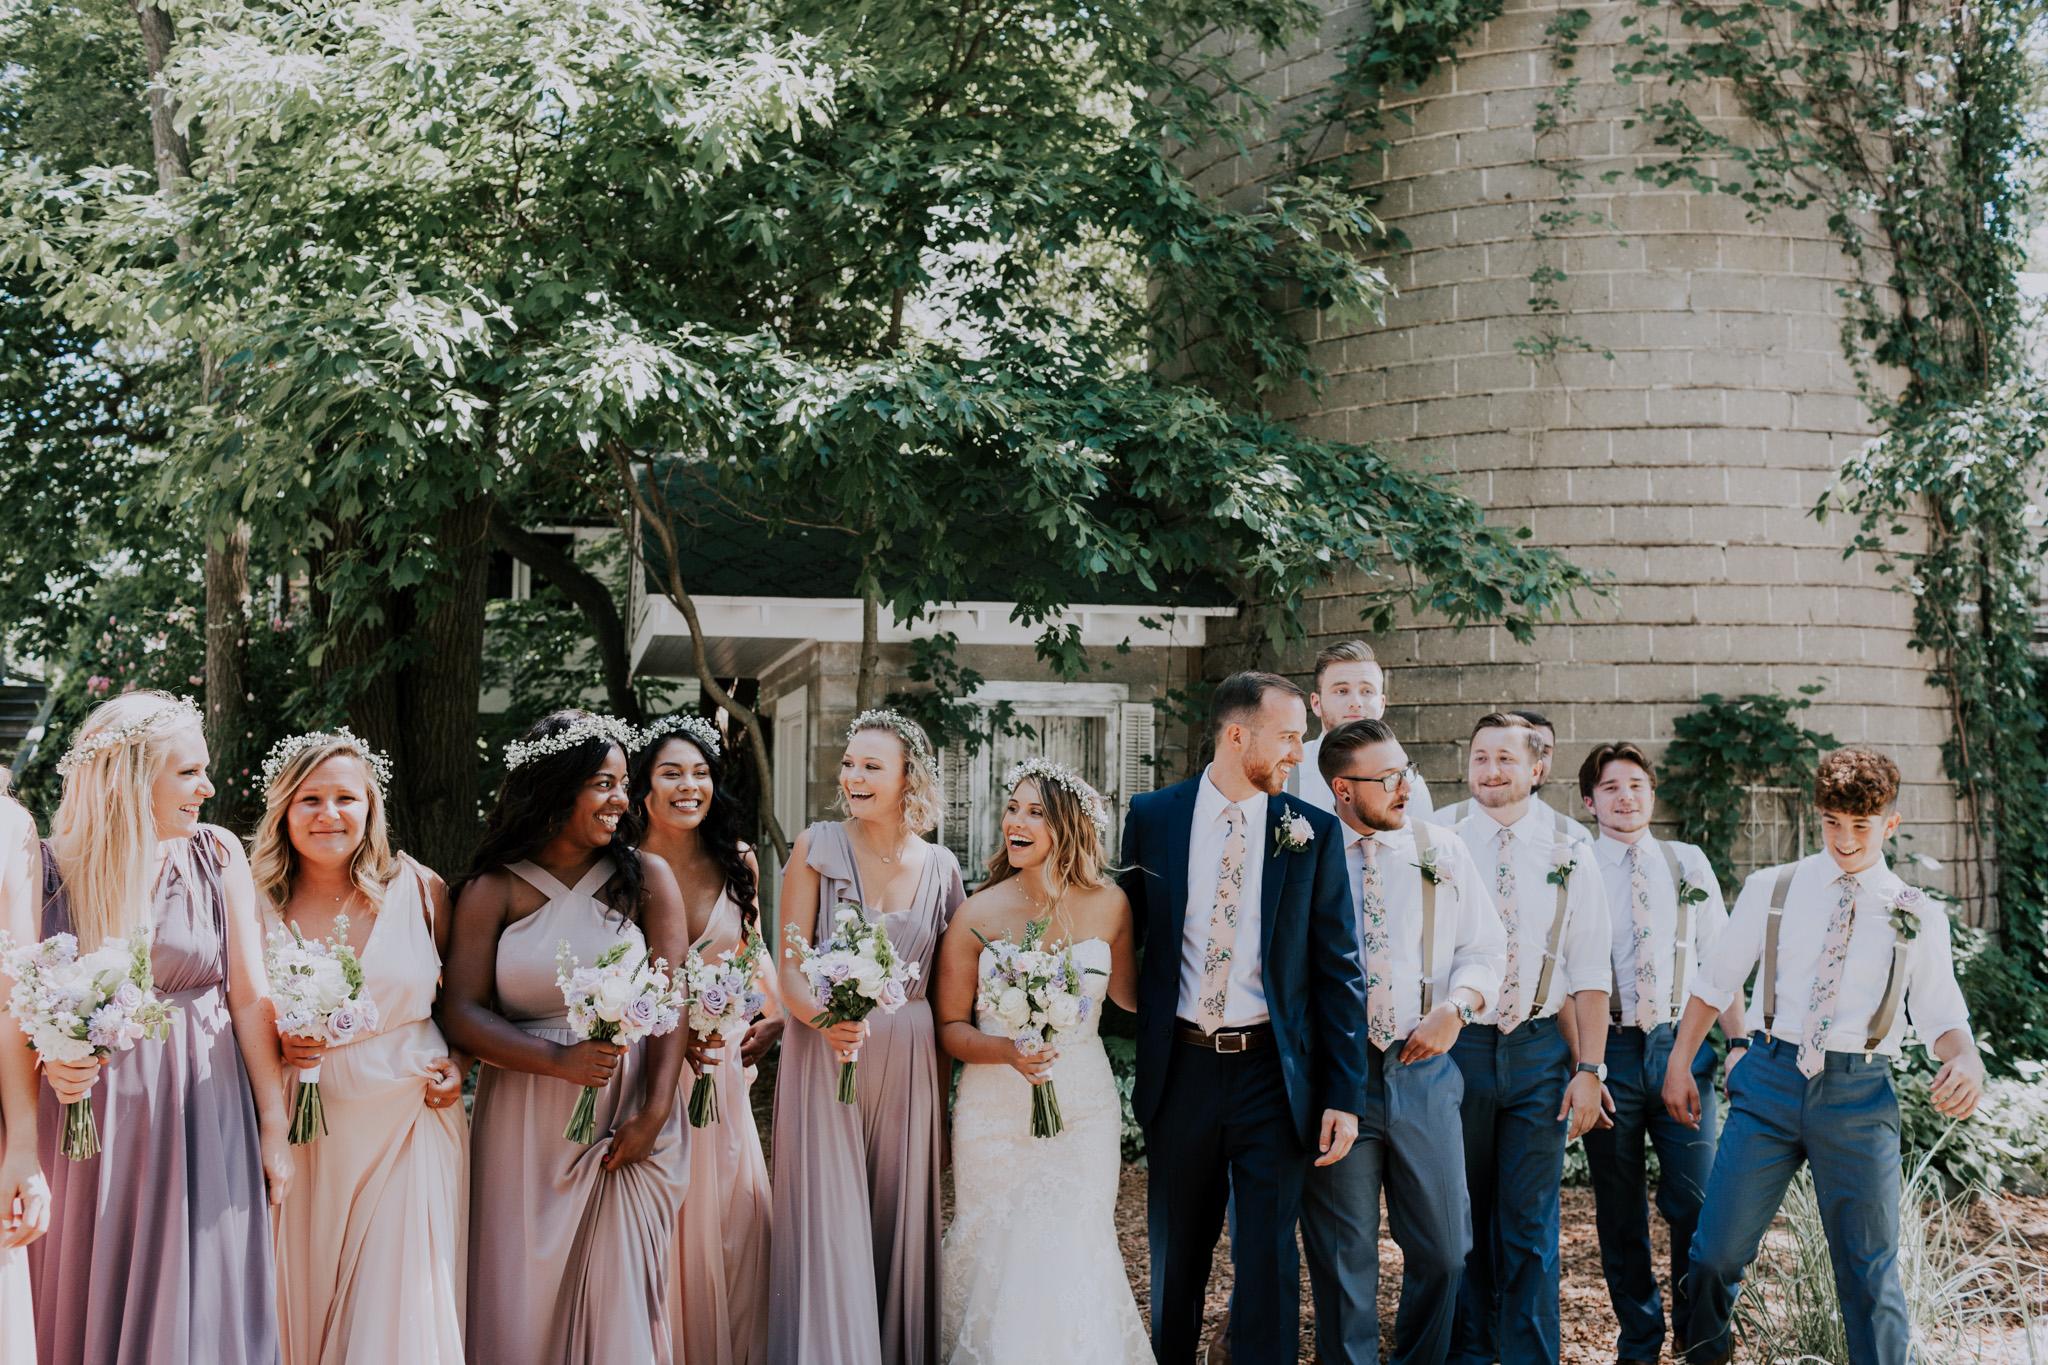 Blue-Dress-Barn-Michigan-Wedding-April-Seth-Vafa-Photo394.jpg